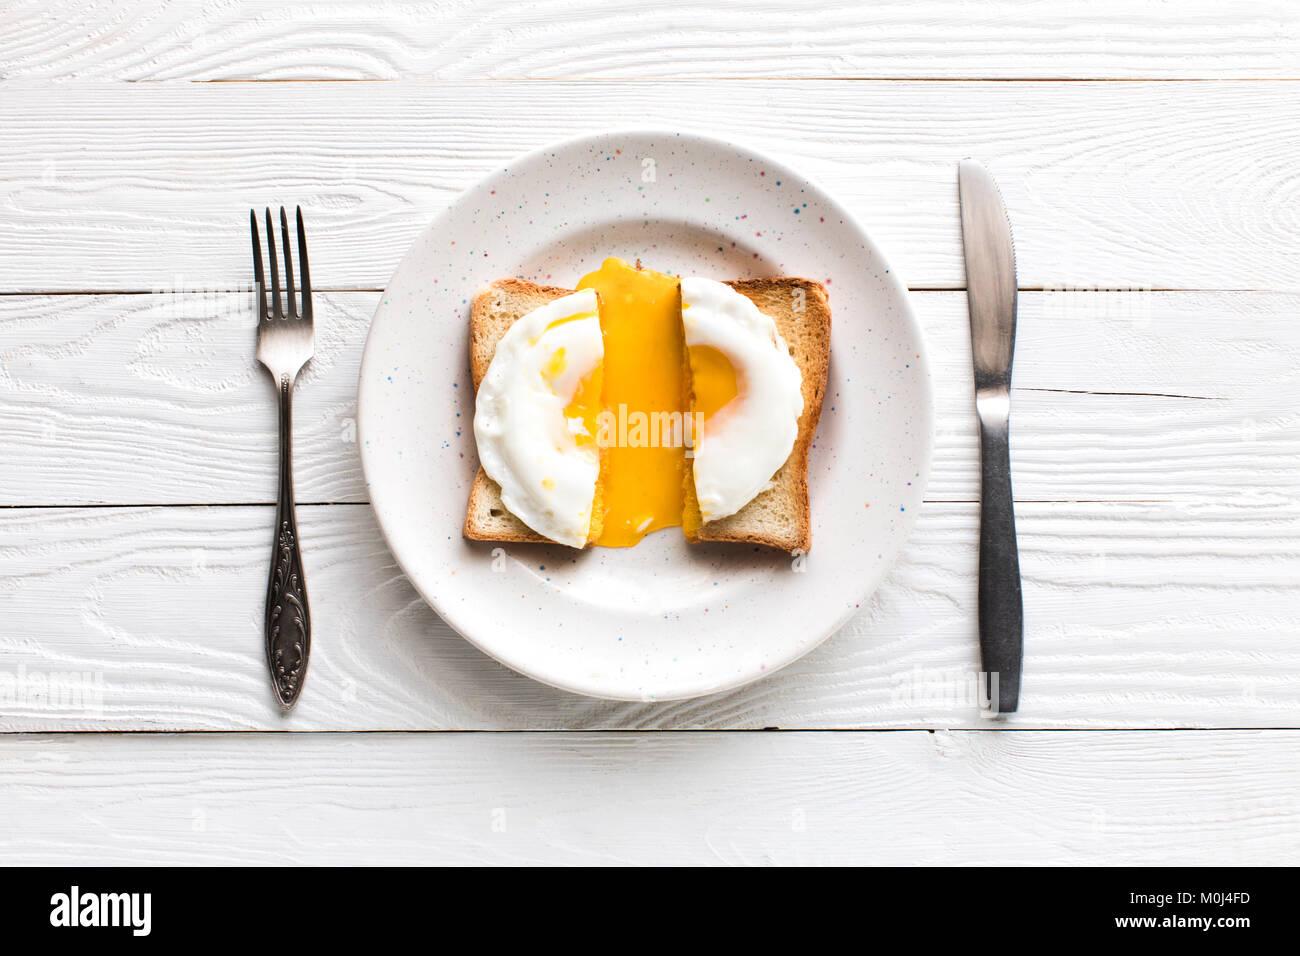 Desayuno Imagen De Stock